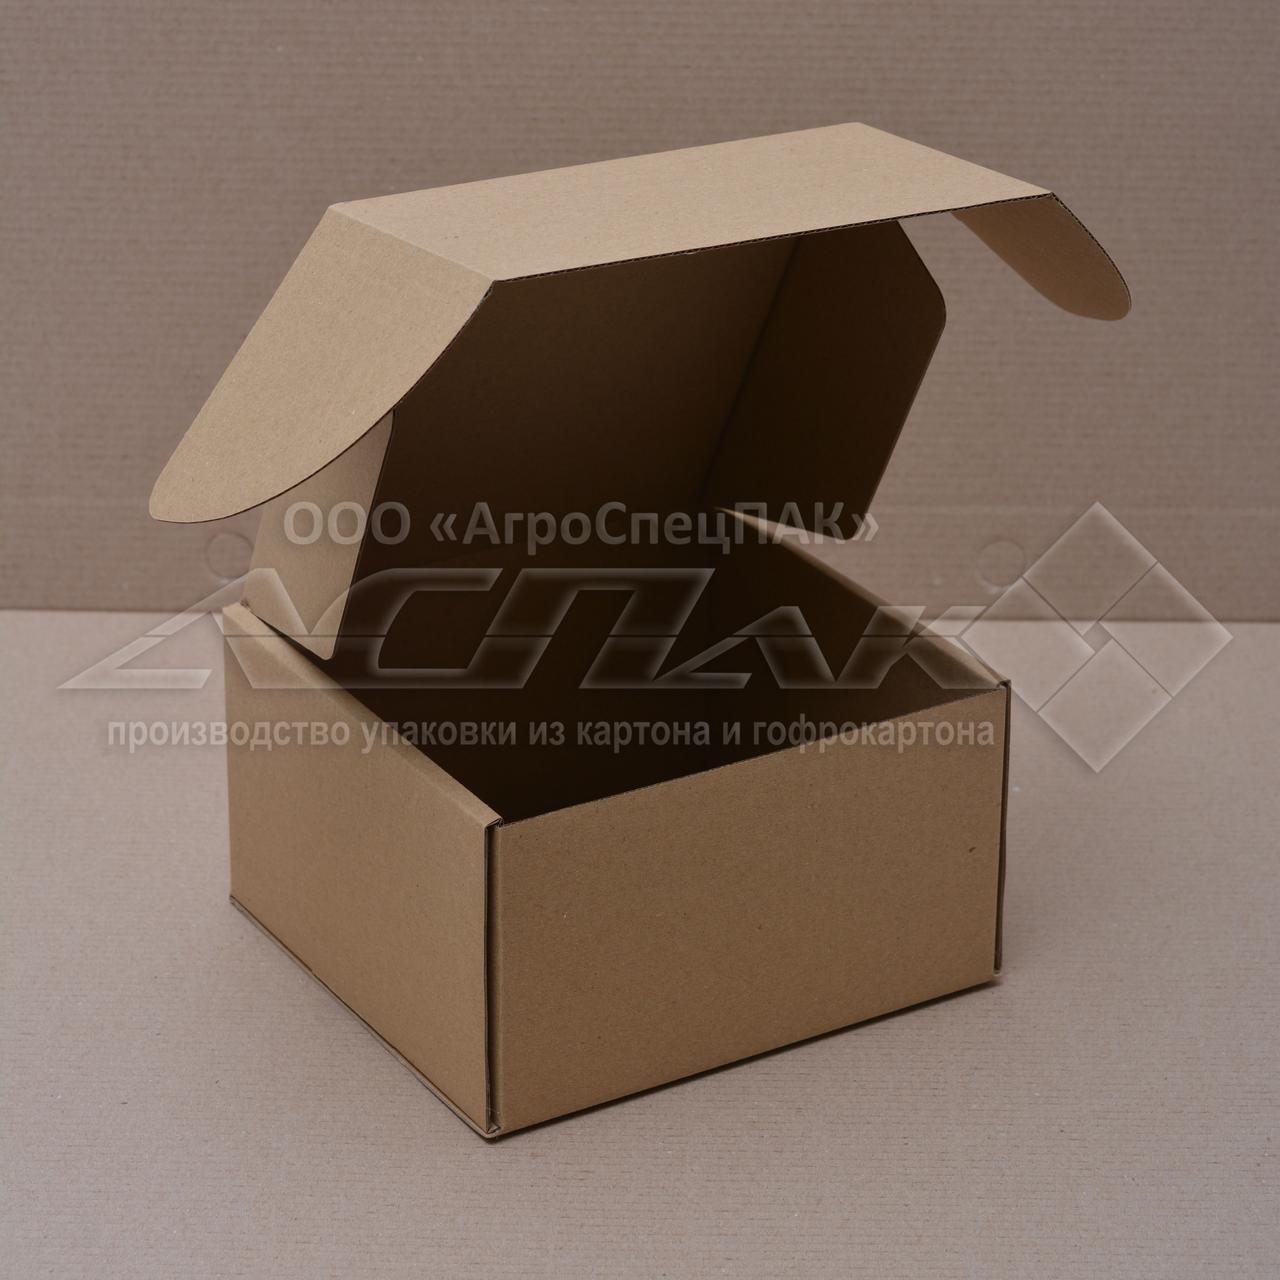 Картонные коробки 150*150*90 бурые - фото 1